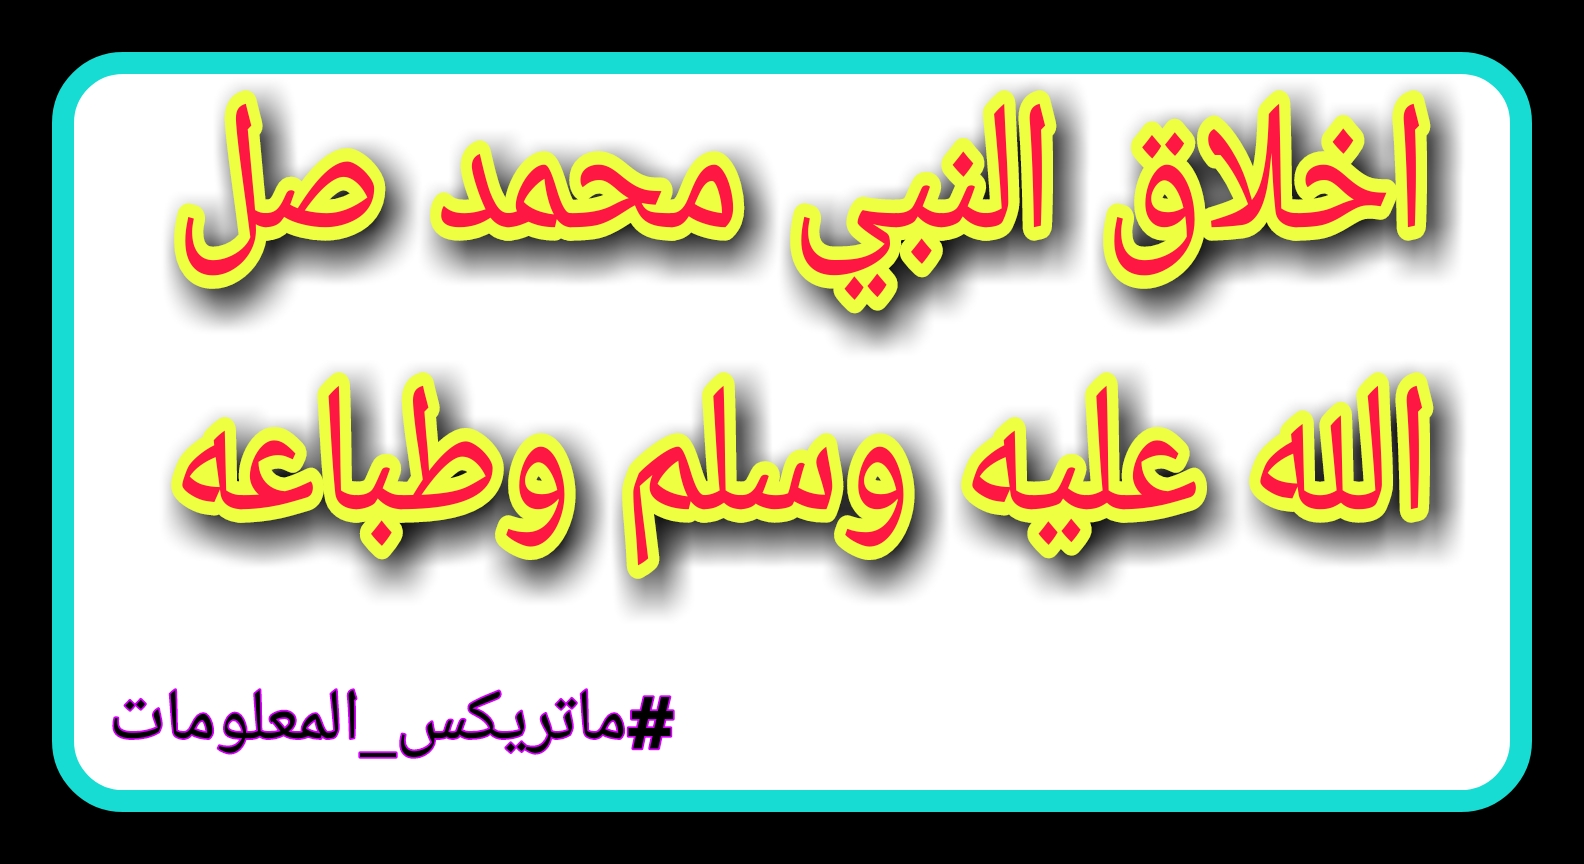 أخلاق النبي محمد صل الله عليه وسلم   أخلاق سيدنا محمد   اخلاق الرسول الكريم